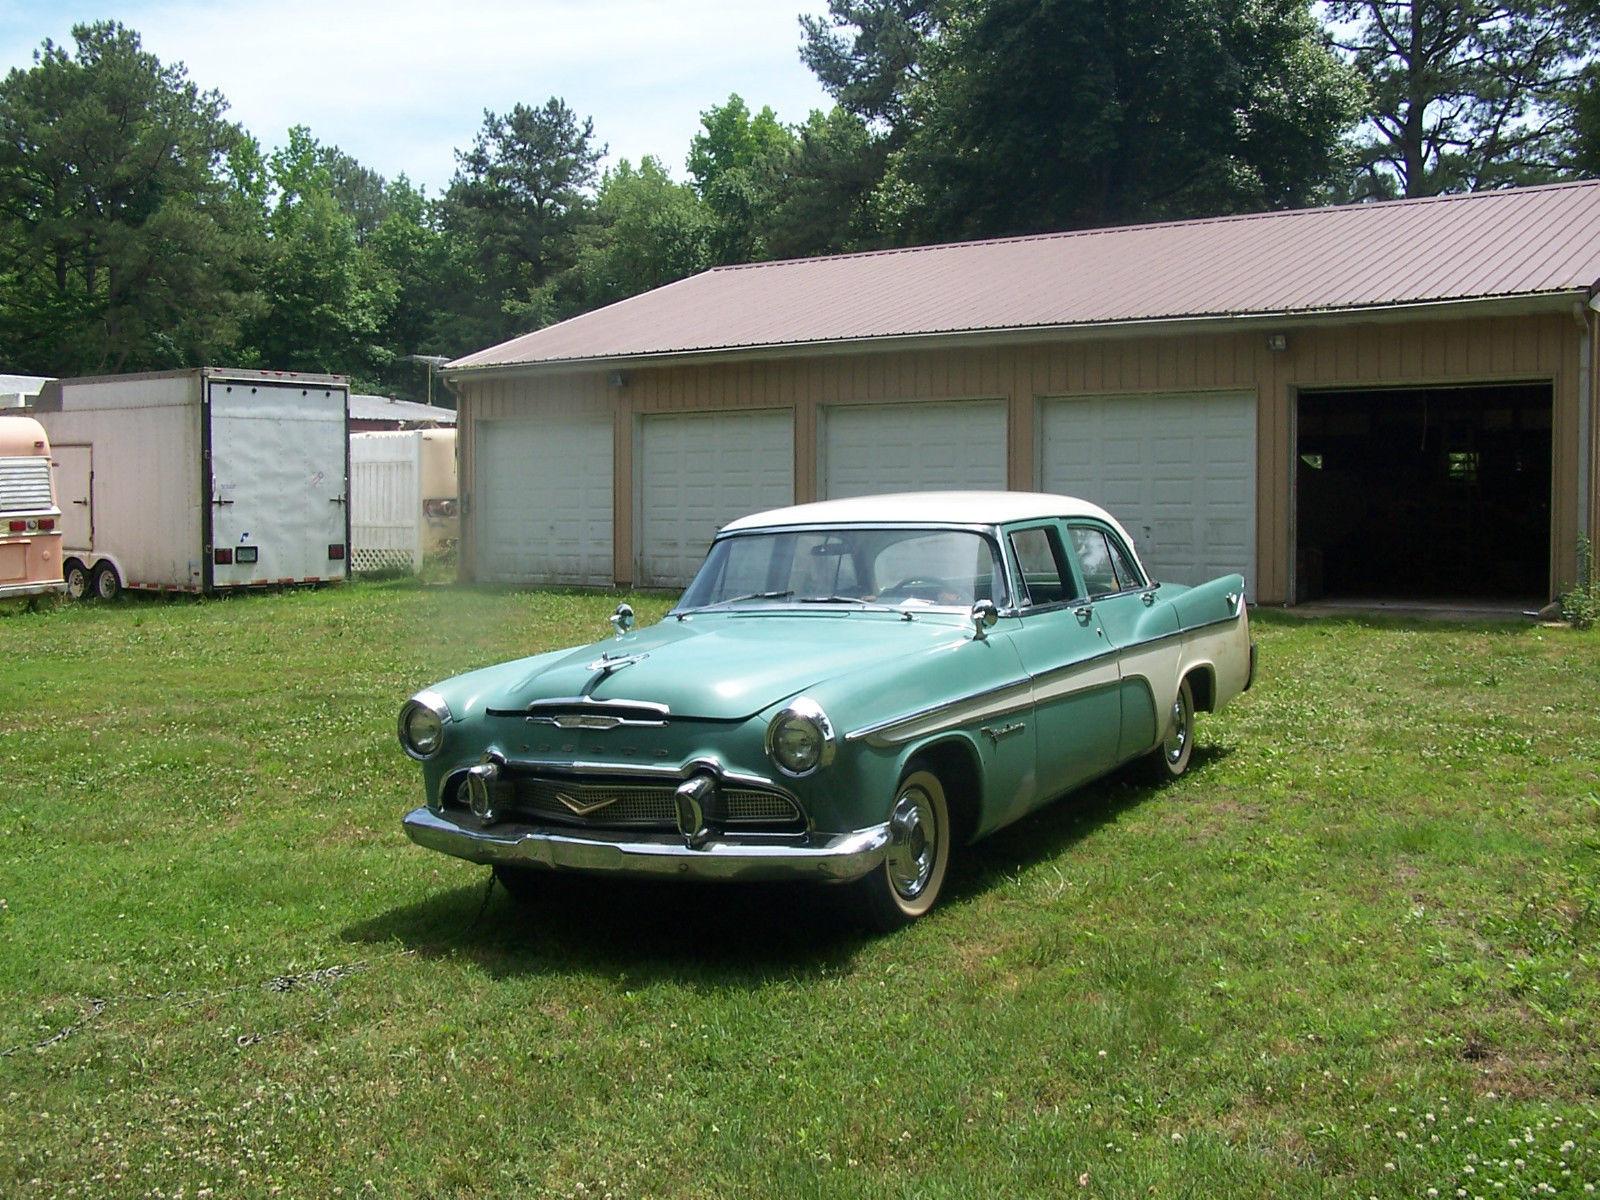 1956 desoto firedome seville 4 door hardtop 1 of 10 - 1956 Desoto Firedome